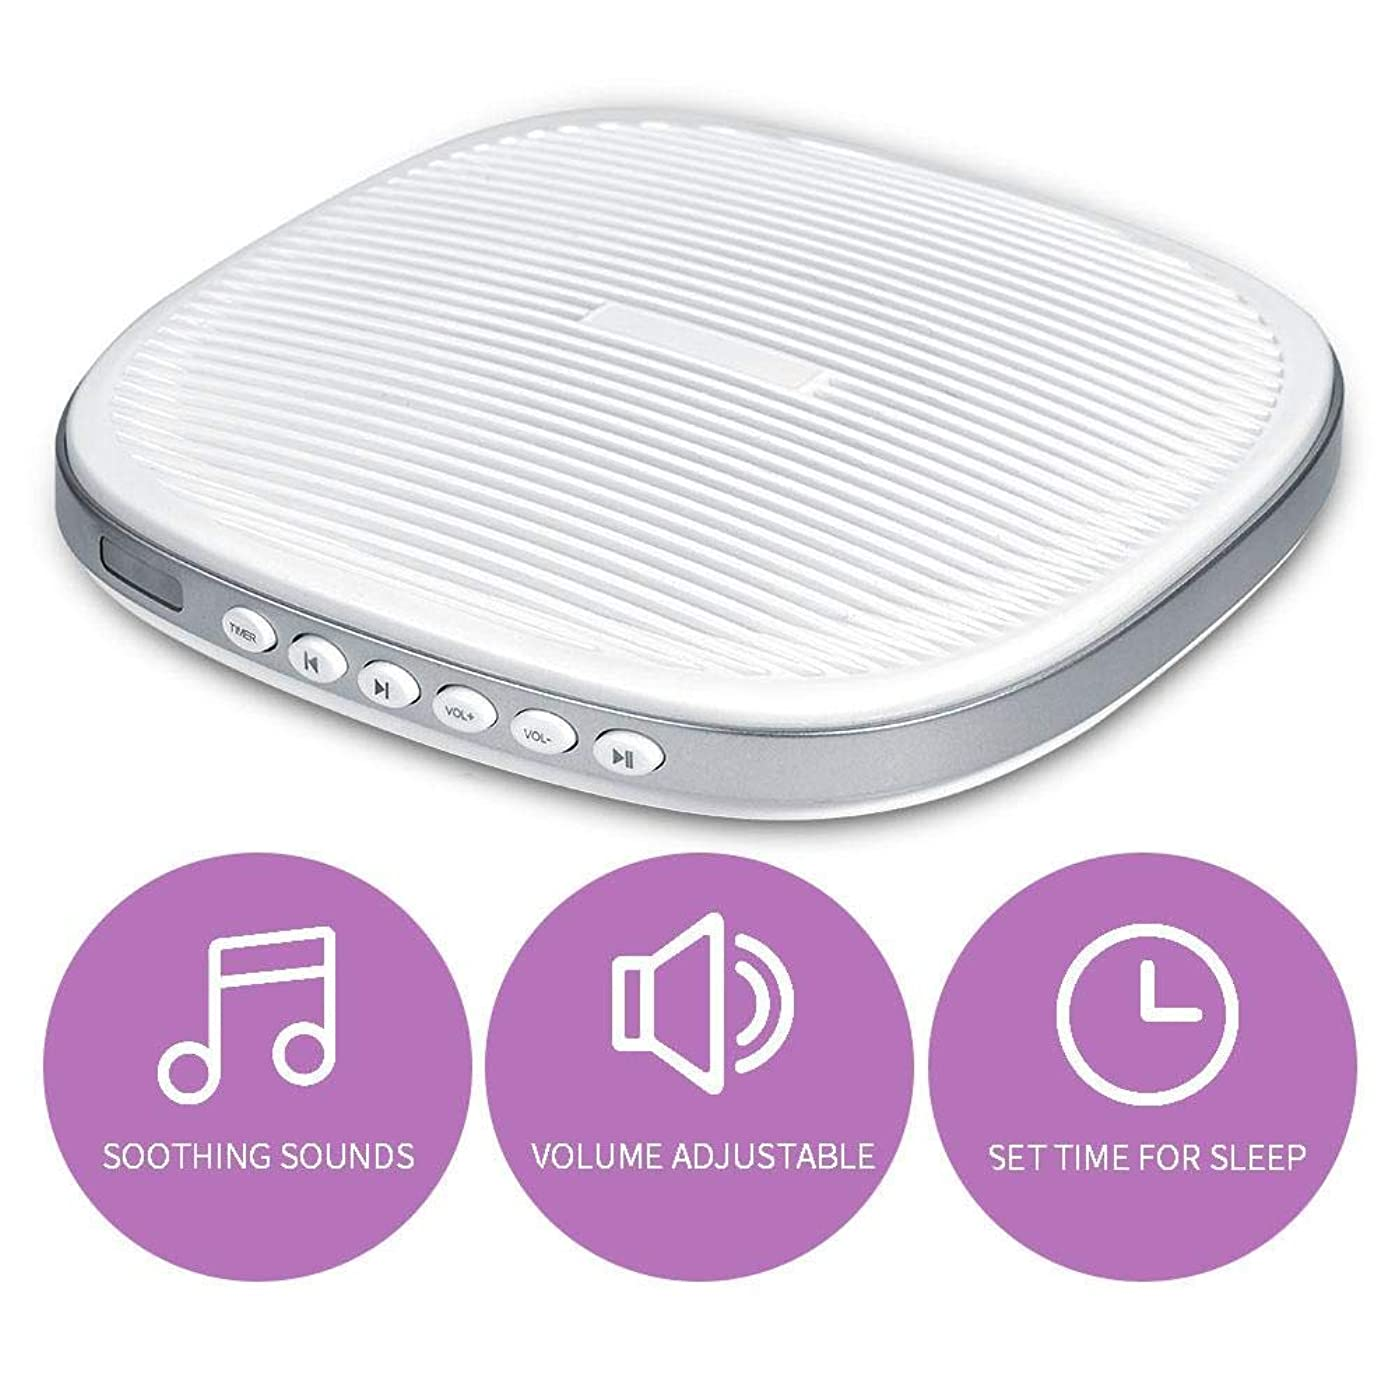 めまいジェームズダイソンパワー携帯用ホワイトノイズの睡眠機、赤ちゃん大人の旅行者の寝室のオフィスの家のための20のなだめるような音の3つのタイマーの睡眠の音機械